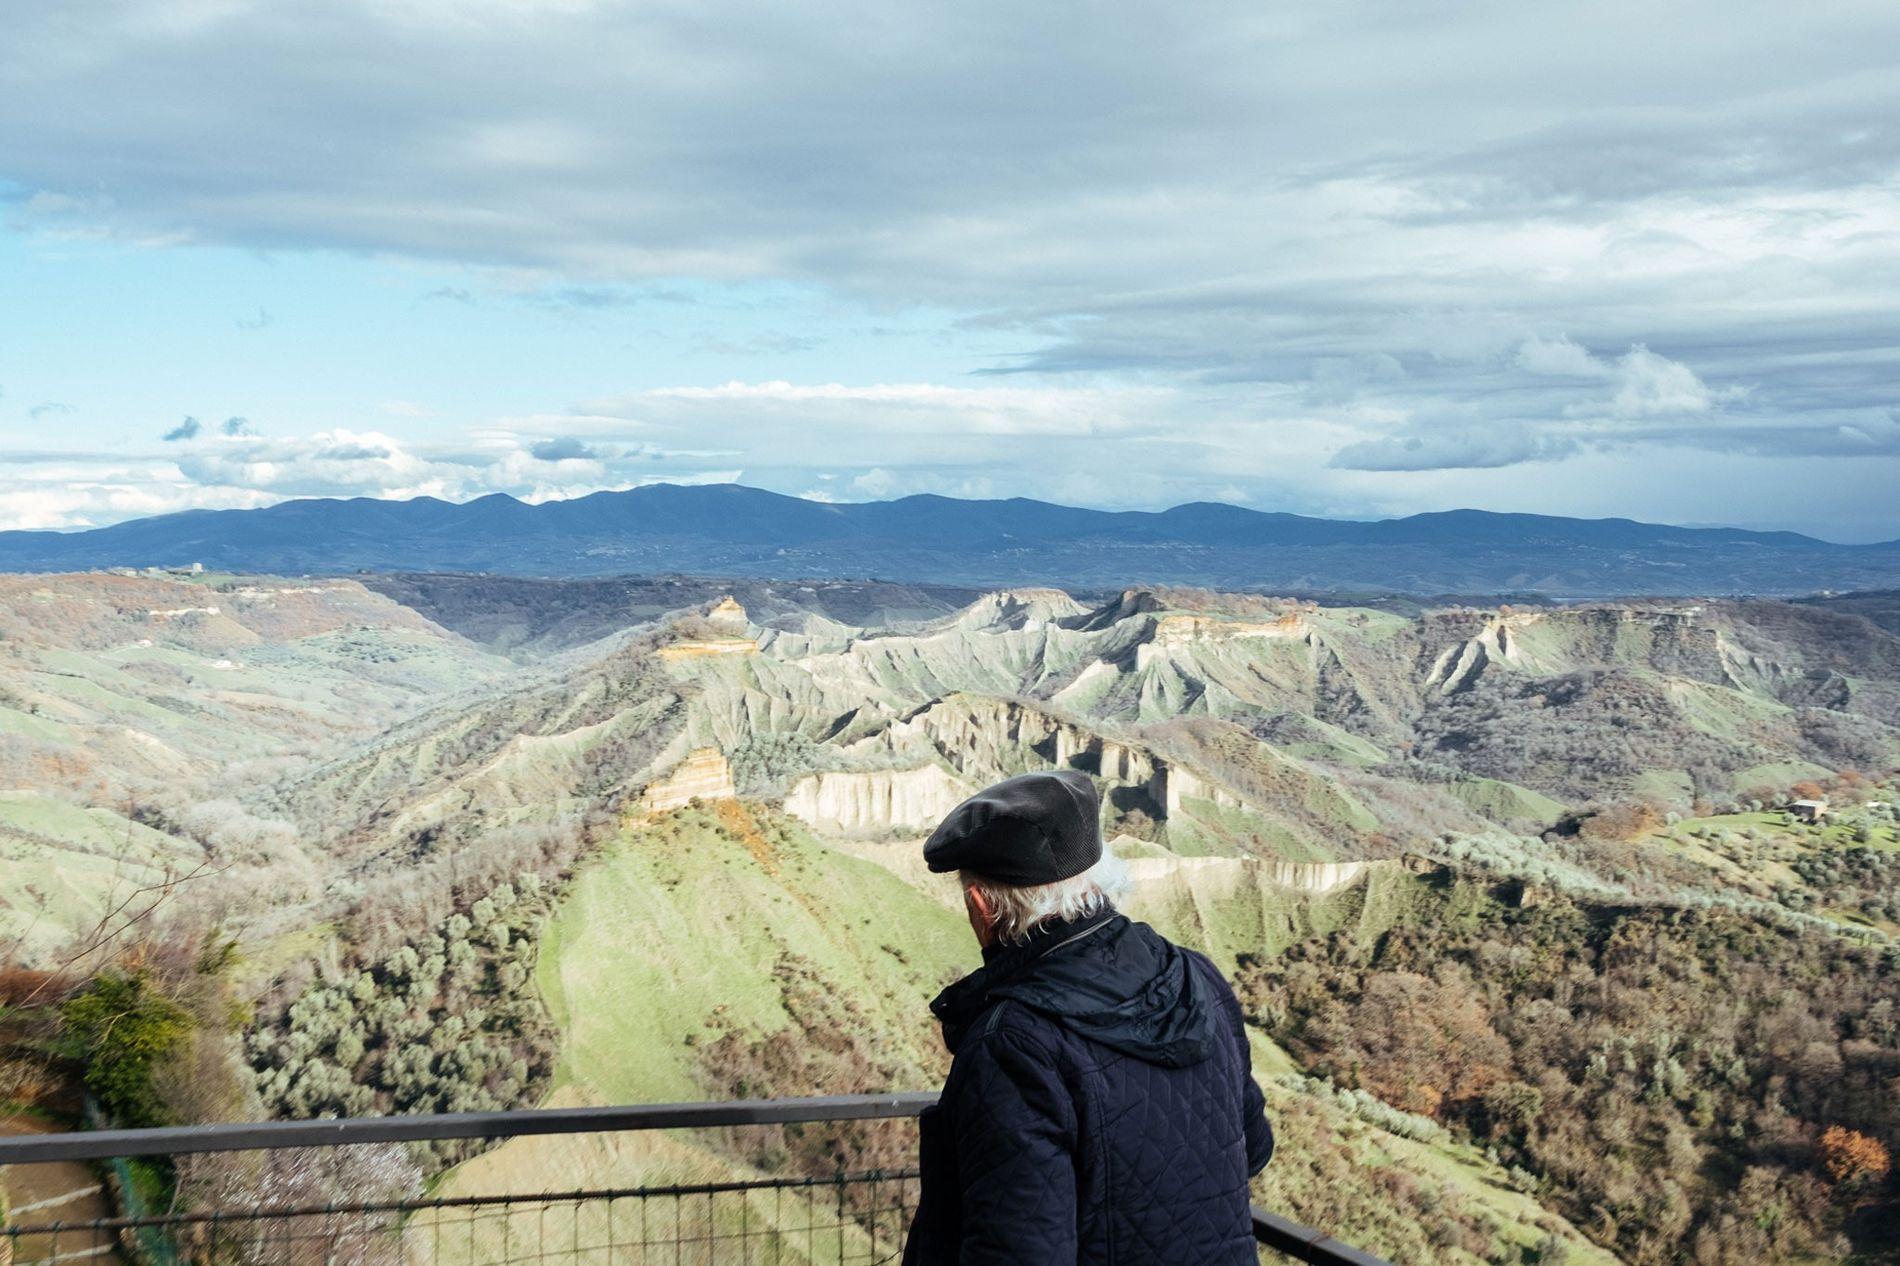 Da sua varanda, Rocchi observa o vale em torno de Civita. Rocchi conhece todos os recantos, ...